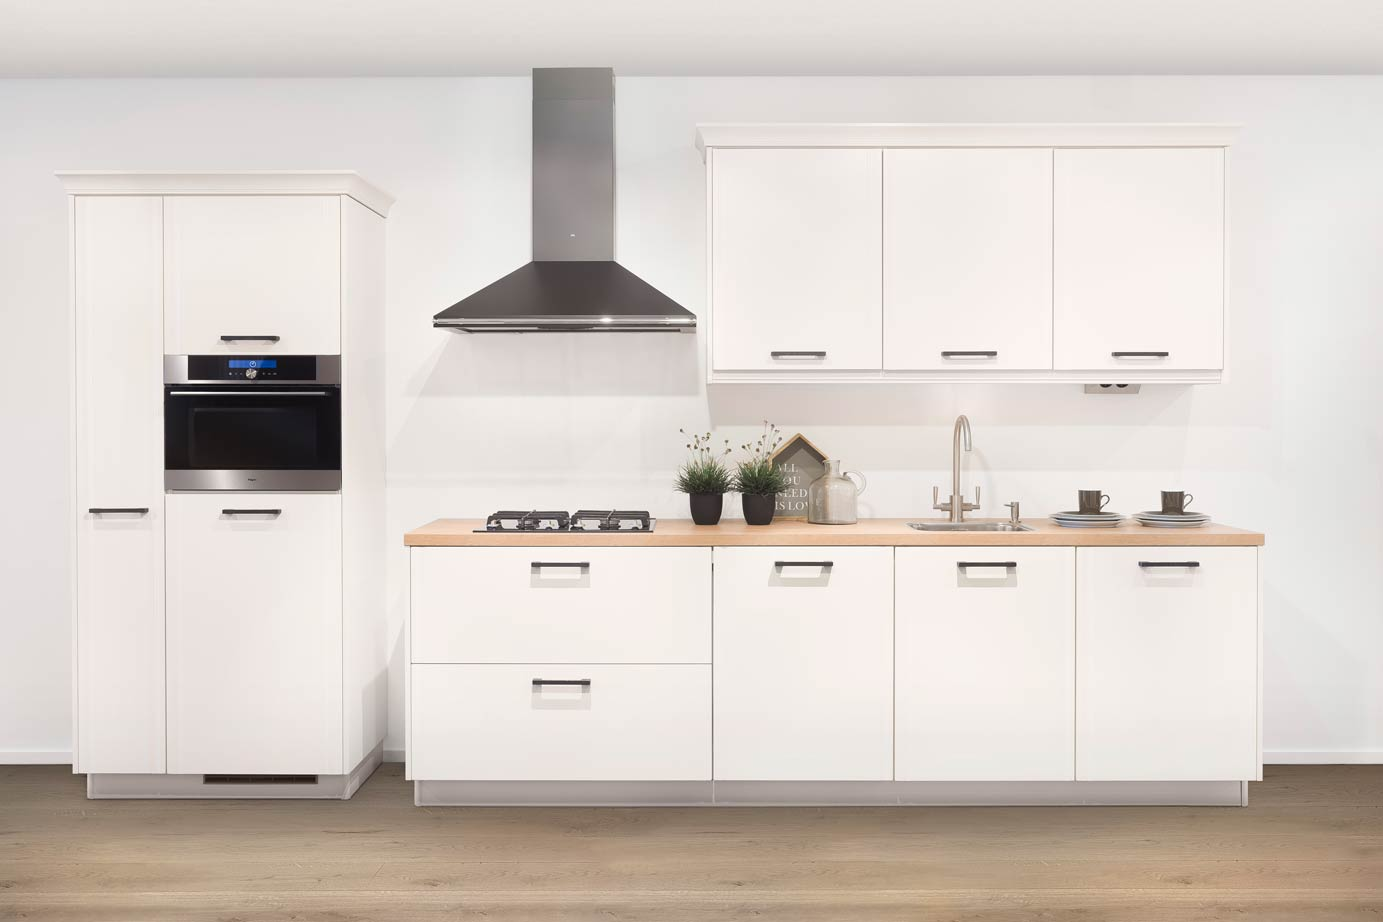 Witte Keuken Met Zwart Werkblad : heb een schitterende witte Residentic keuken gekocht. Met deze keukens